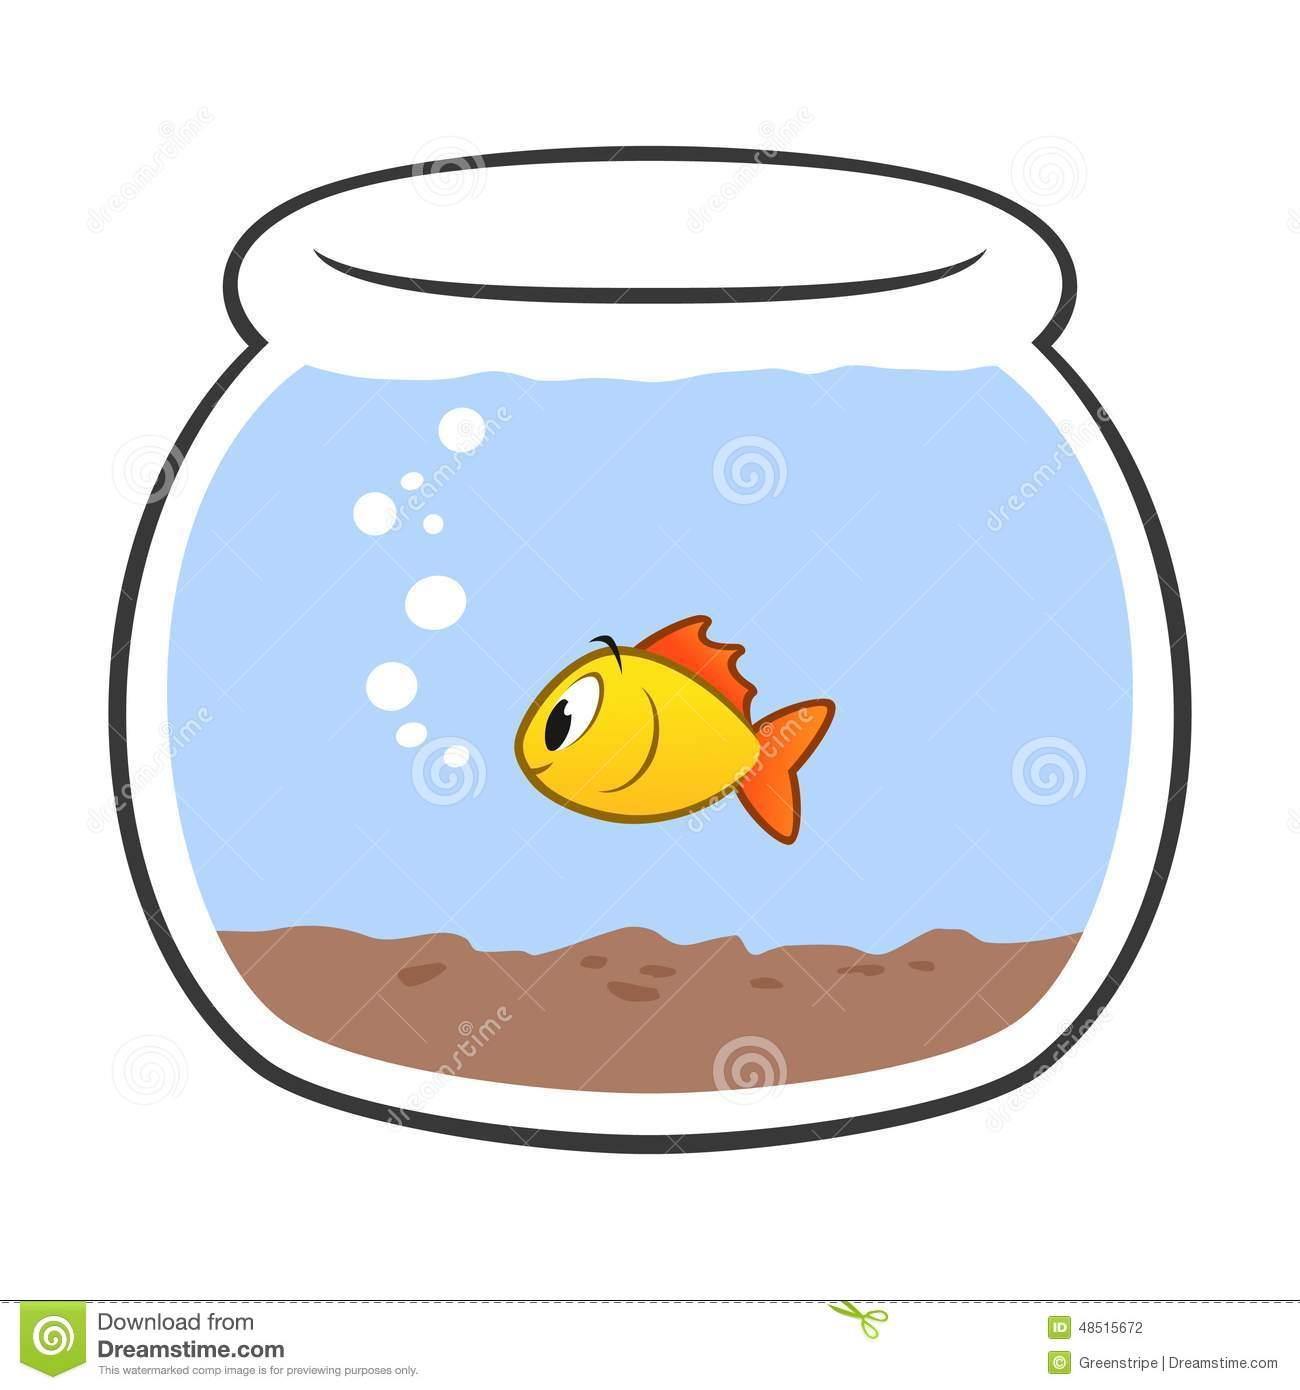 Pet clipart goldfish bowl Pictures Clipart Goldfish #295 Clipart